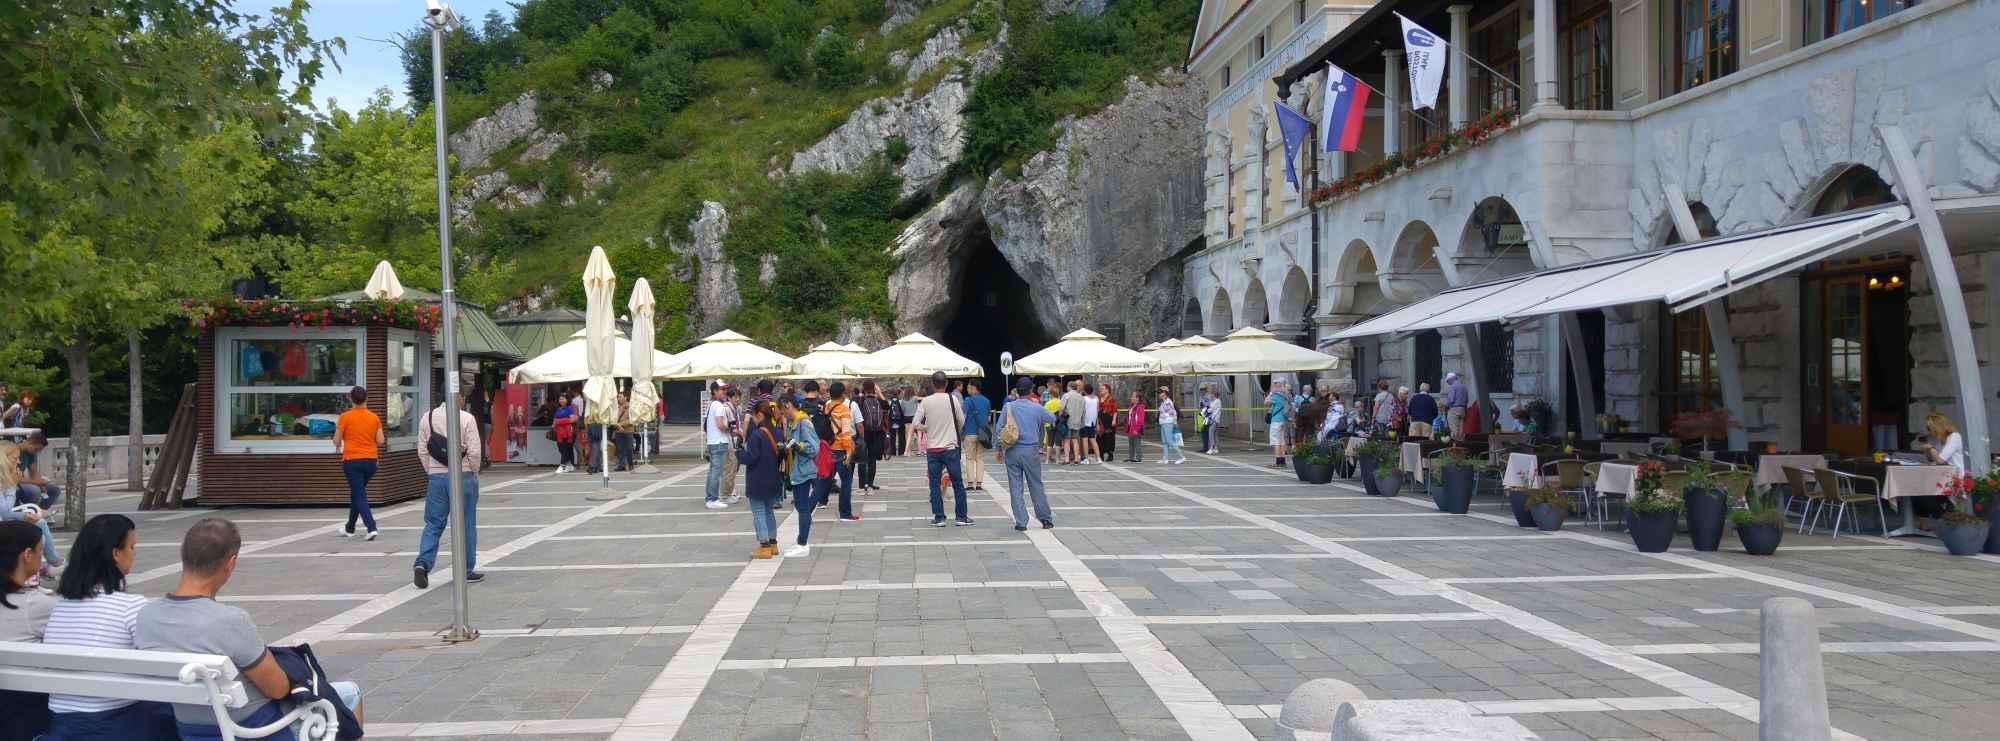 Die Höhlen von Postojna - Eine Wanderung unter den Berg